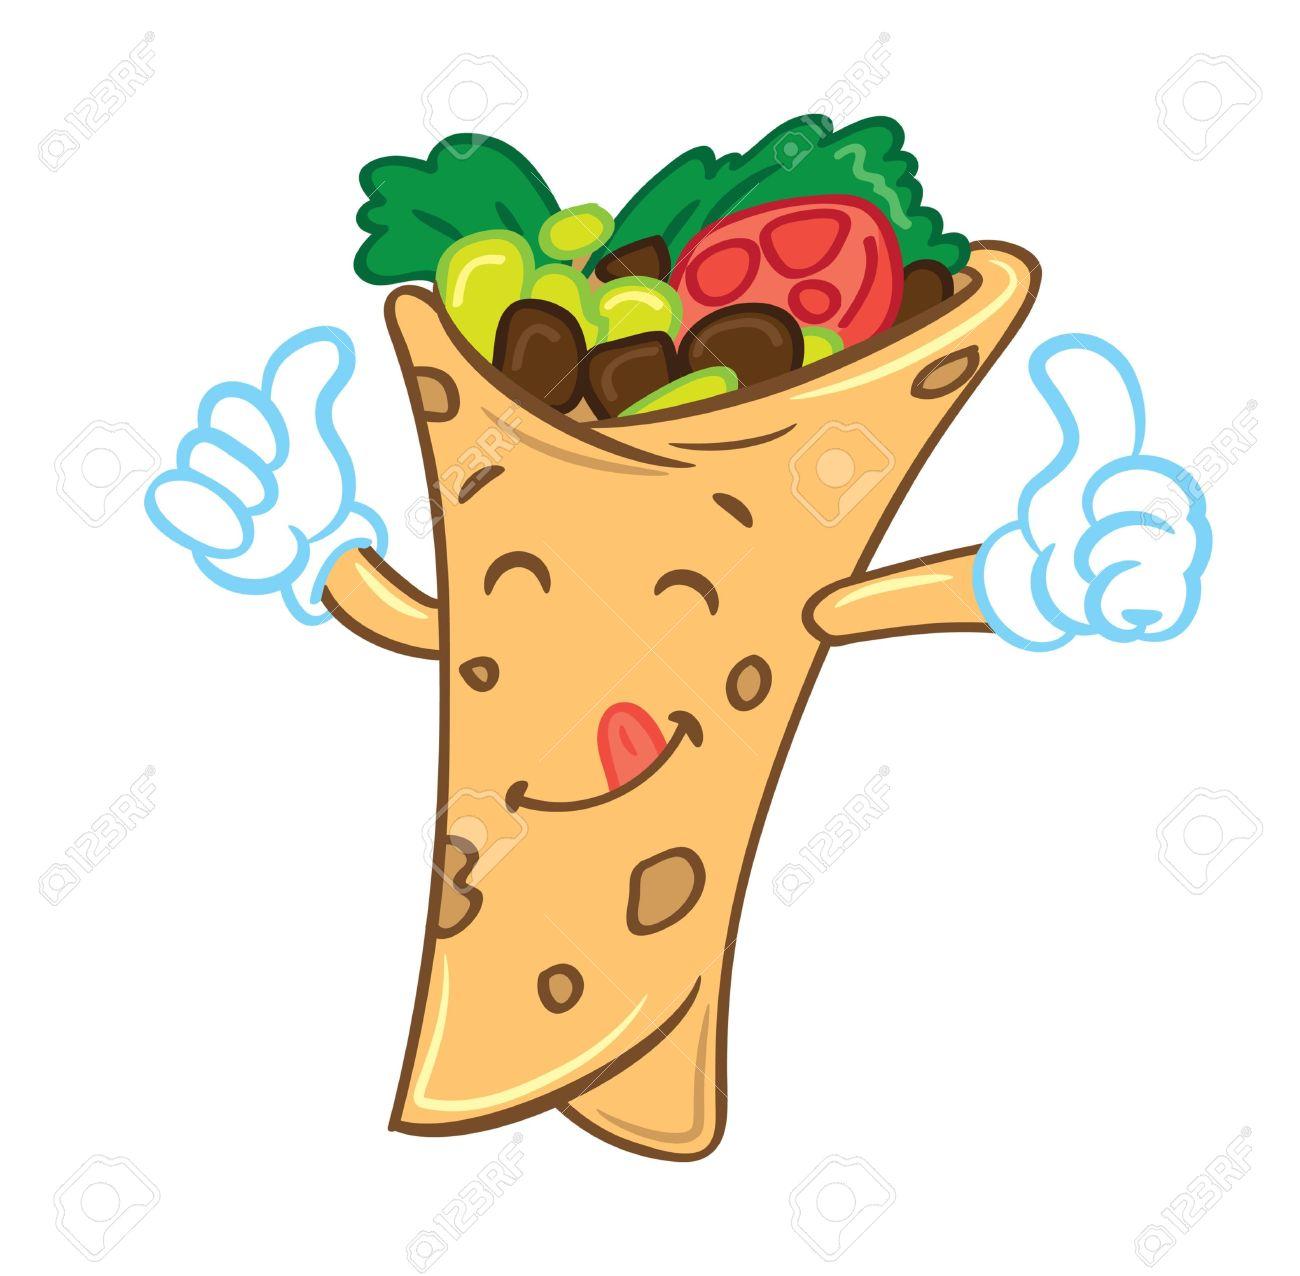 Kebab clipart breakfast taco Food 9604 Tacos com Mexican